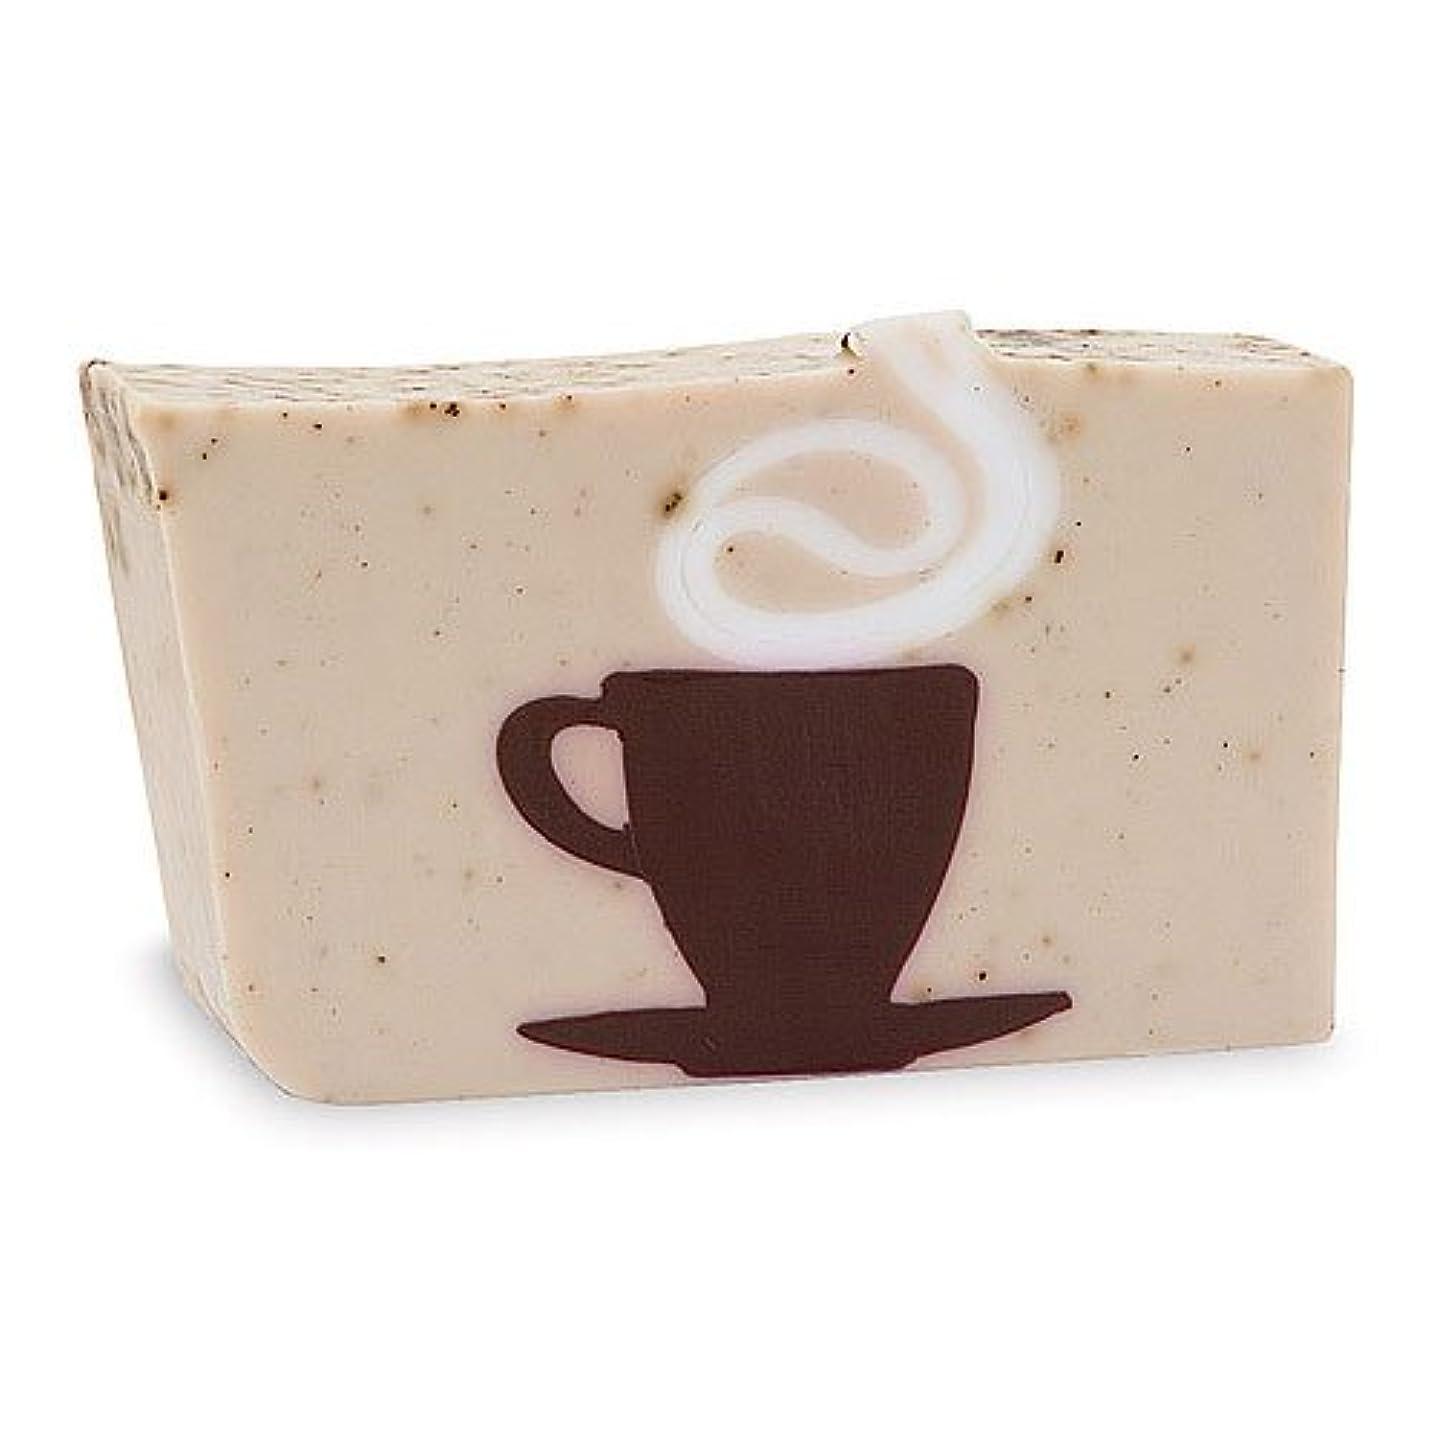 子豚反発基本的なプライモールエレメンツ アロマティック ソープ カフェオレ 180g 植物性 ナチュラル 石鹸 無添加